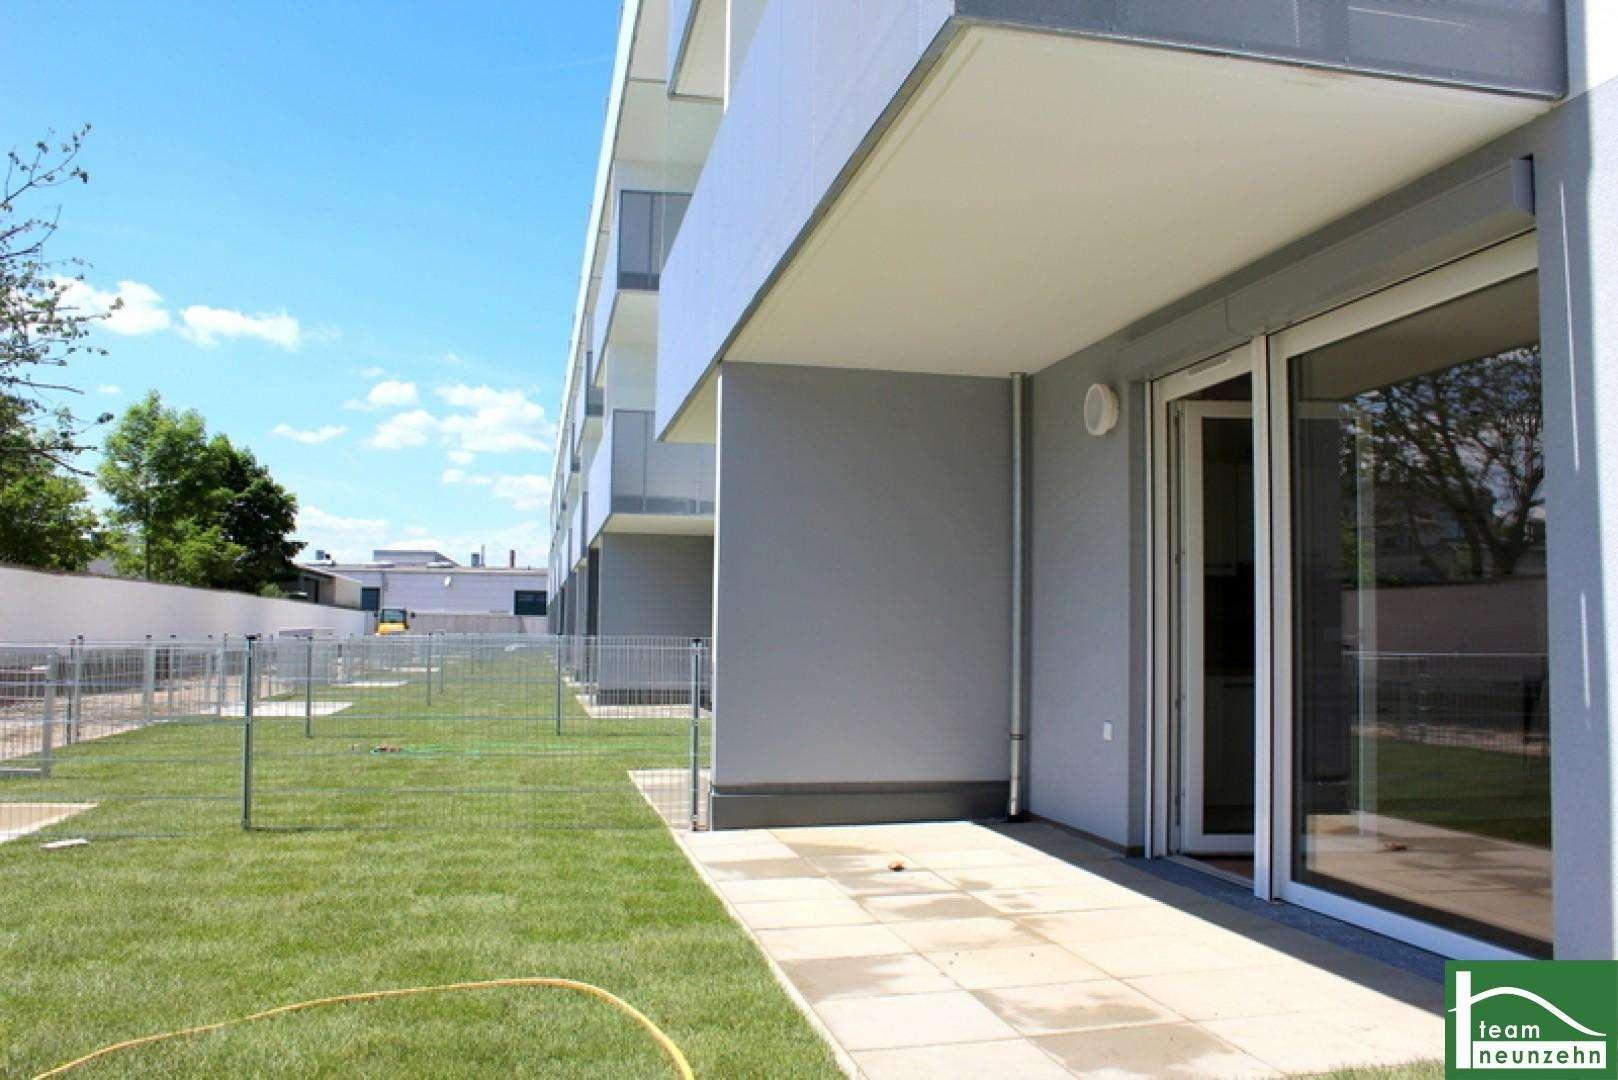 Einziehen und wohlfühlen! 3 Zimmer Wohnung mit großer Loggia! Ostseitige Ausrichtung garantiert Morgensonne!